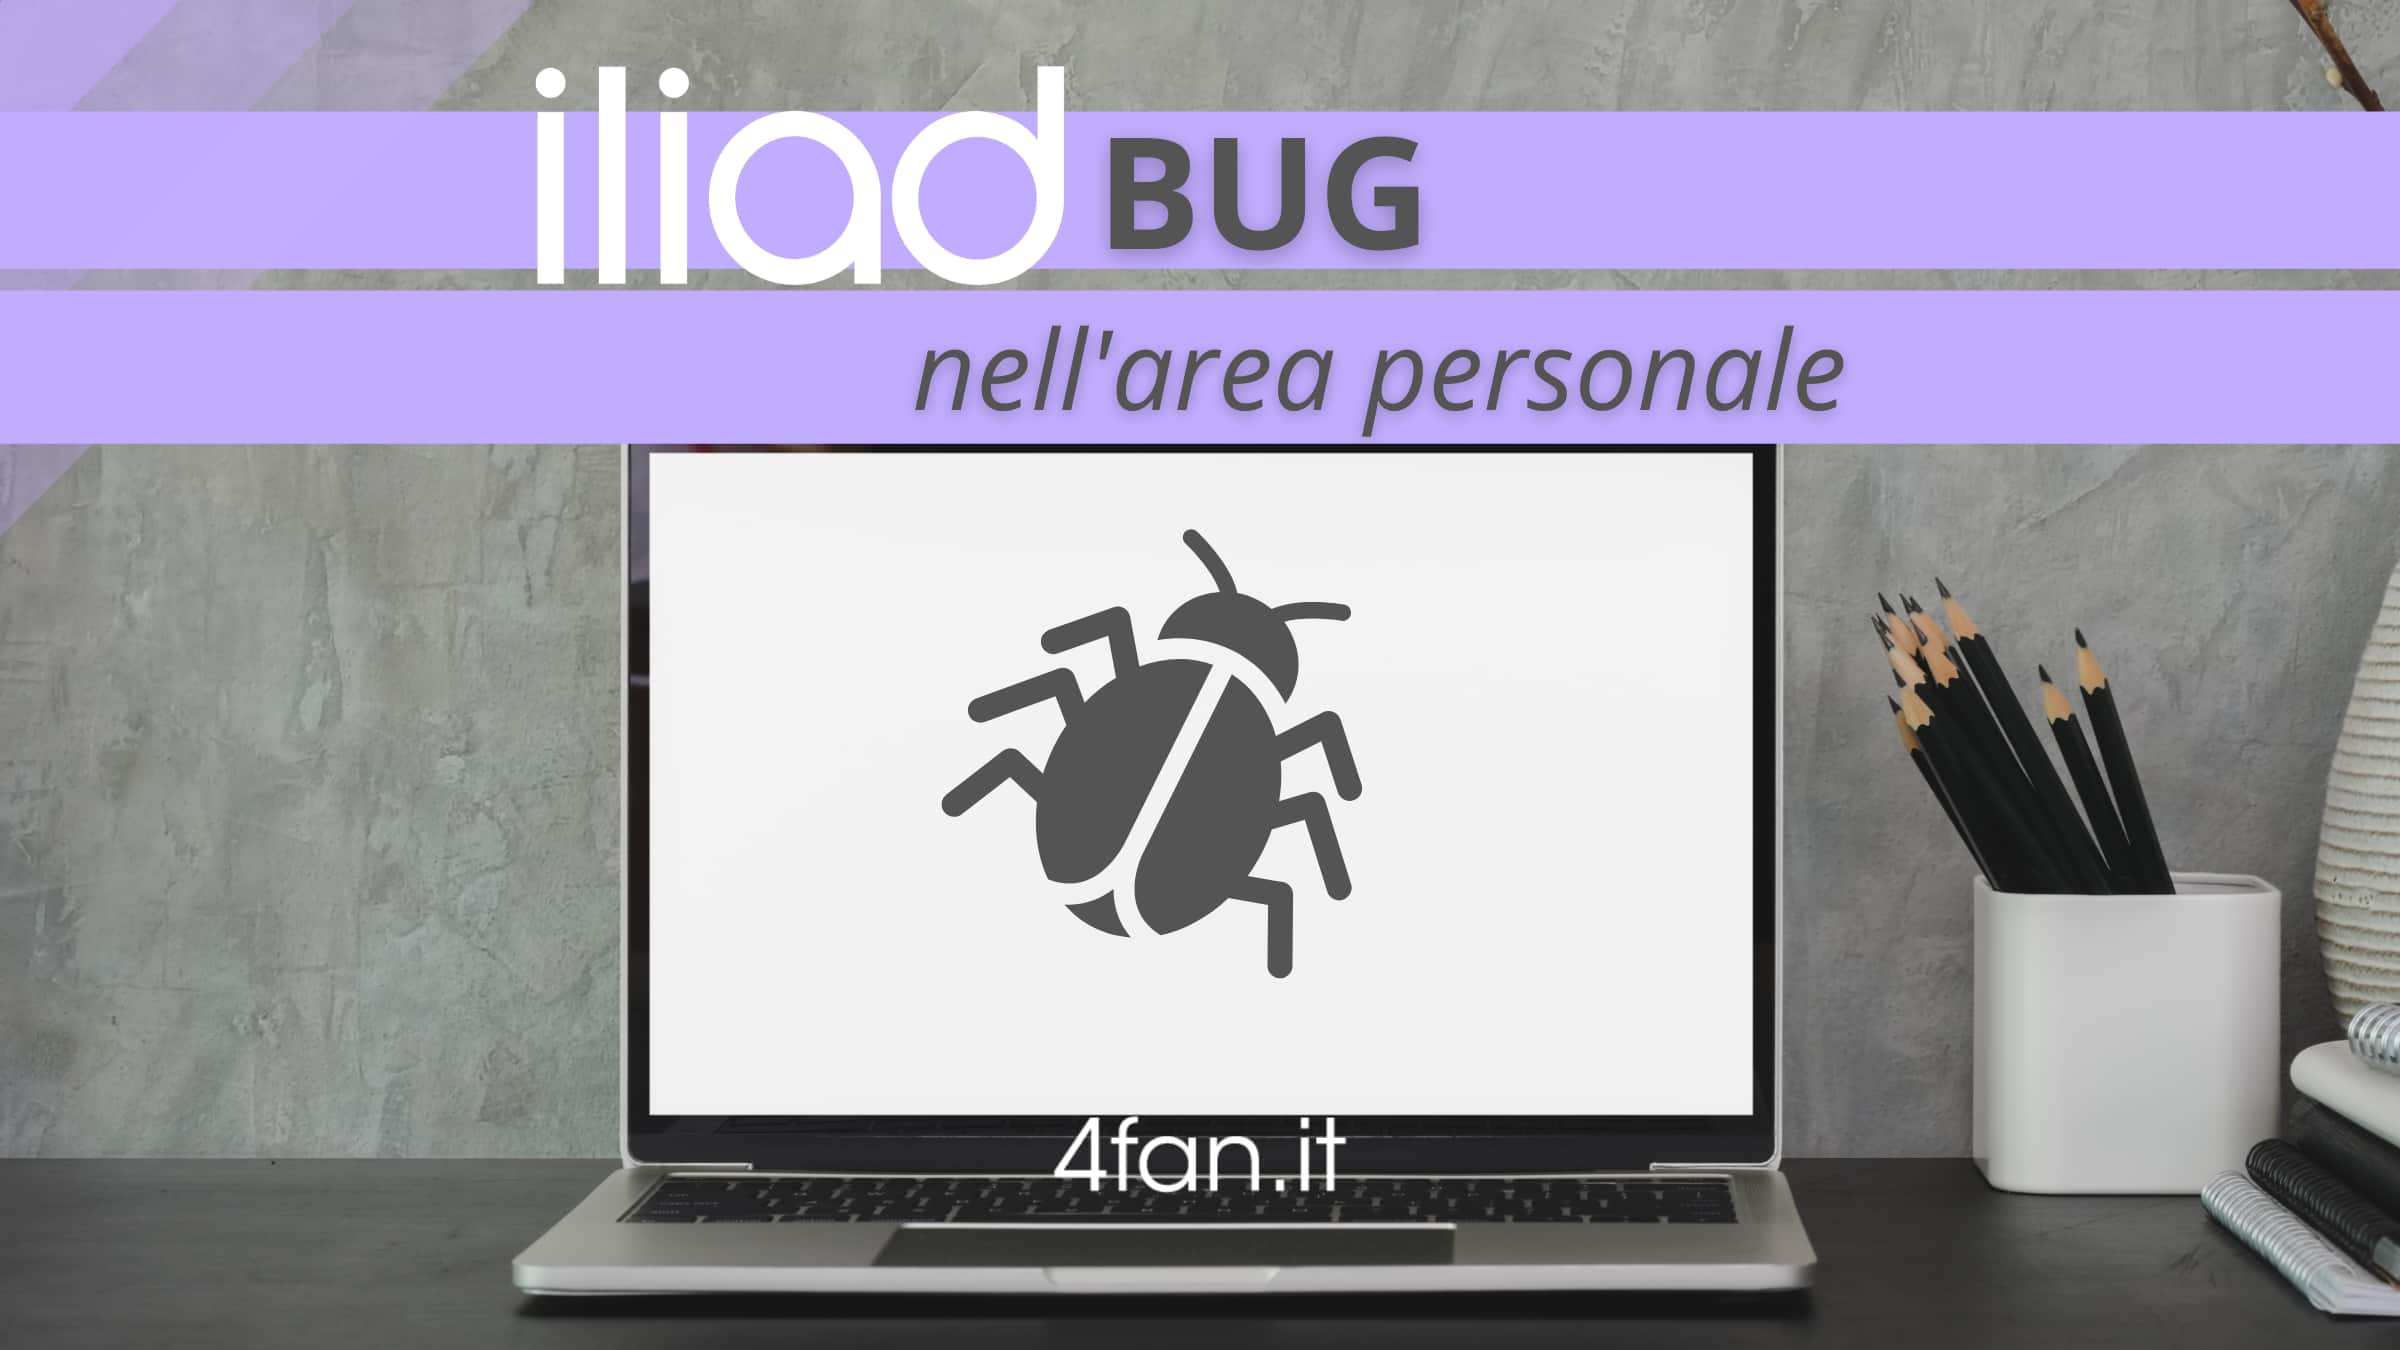 Iliad Bug anno 2020 - 2021